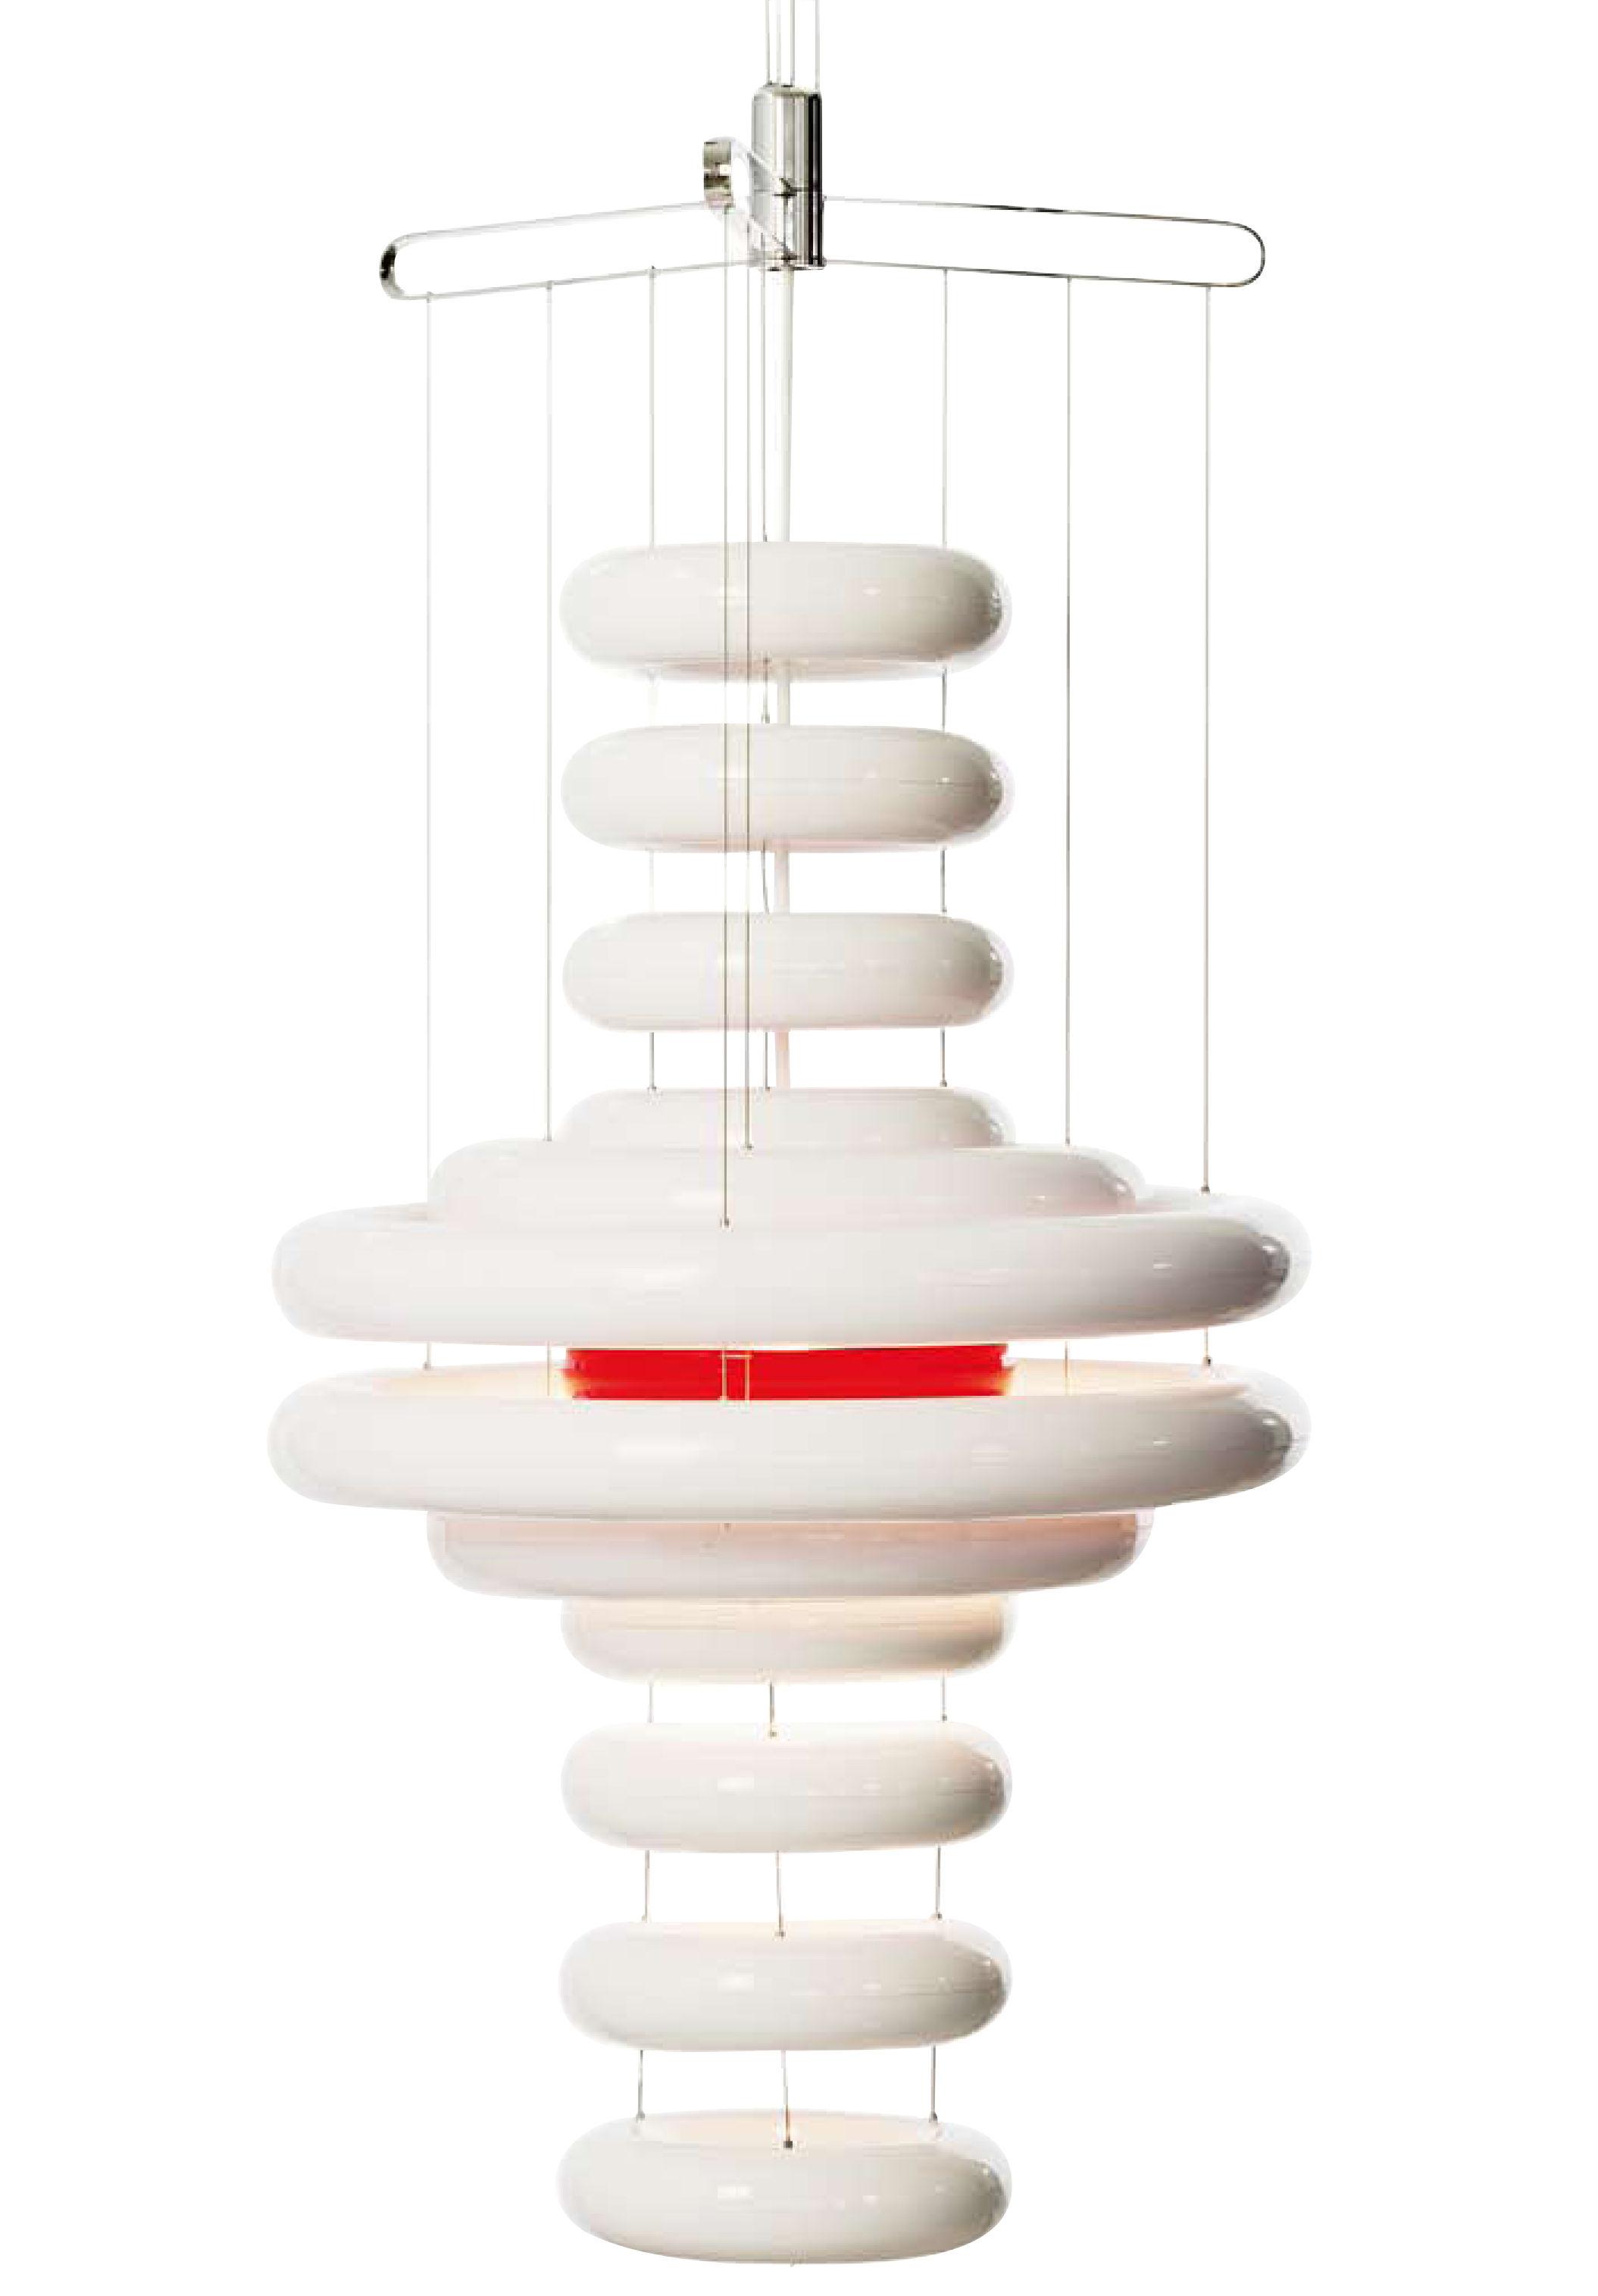 Leuchten - Pendelleuchten - Ufo Pendelleuchte H 95 cm - Limitierte Auflage - Panton 1975 - Verpan - weiß - Polykarbonat